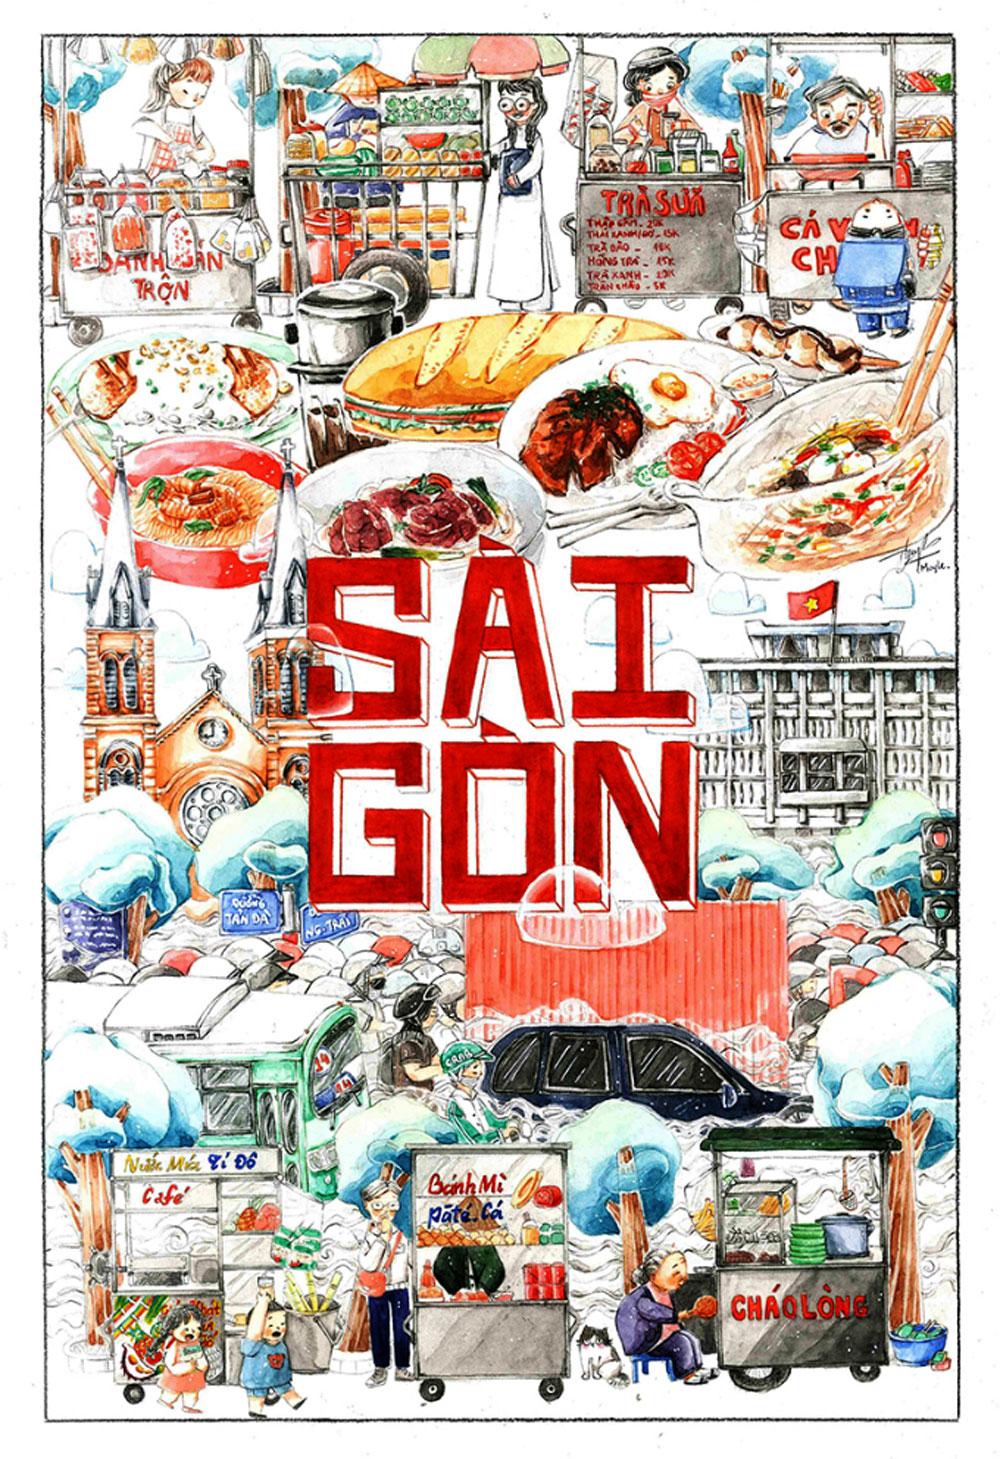 Youth lend, Vietnam destination, Fresh perspectives, most famous places, local graphic design contest, young participants, striking illustrations, famous tourist destinations